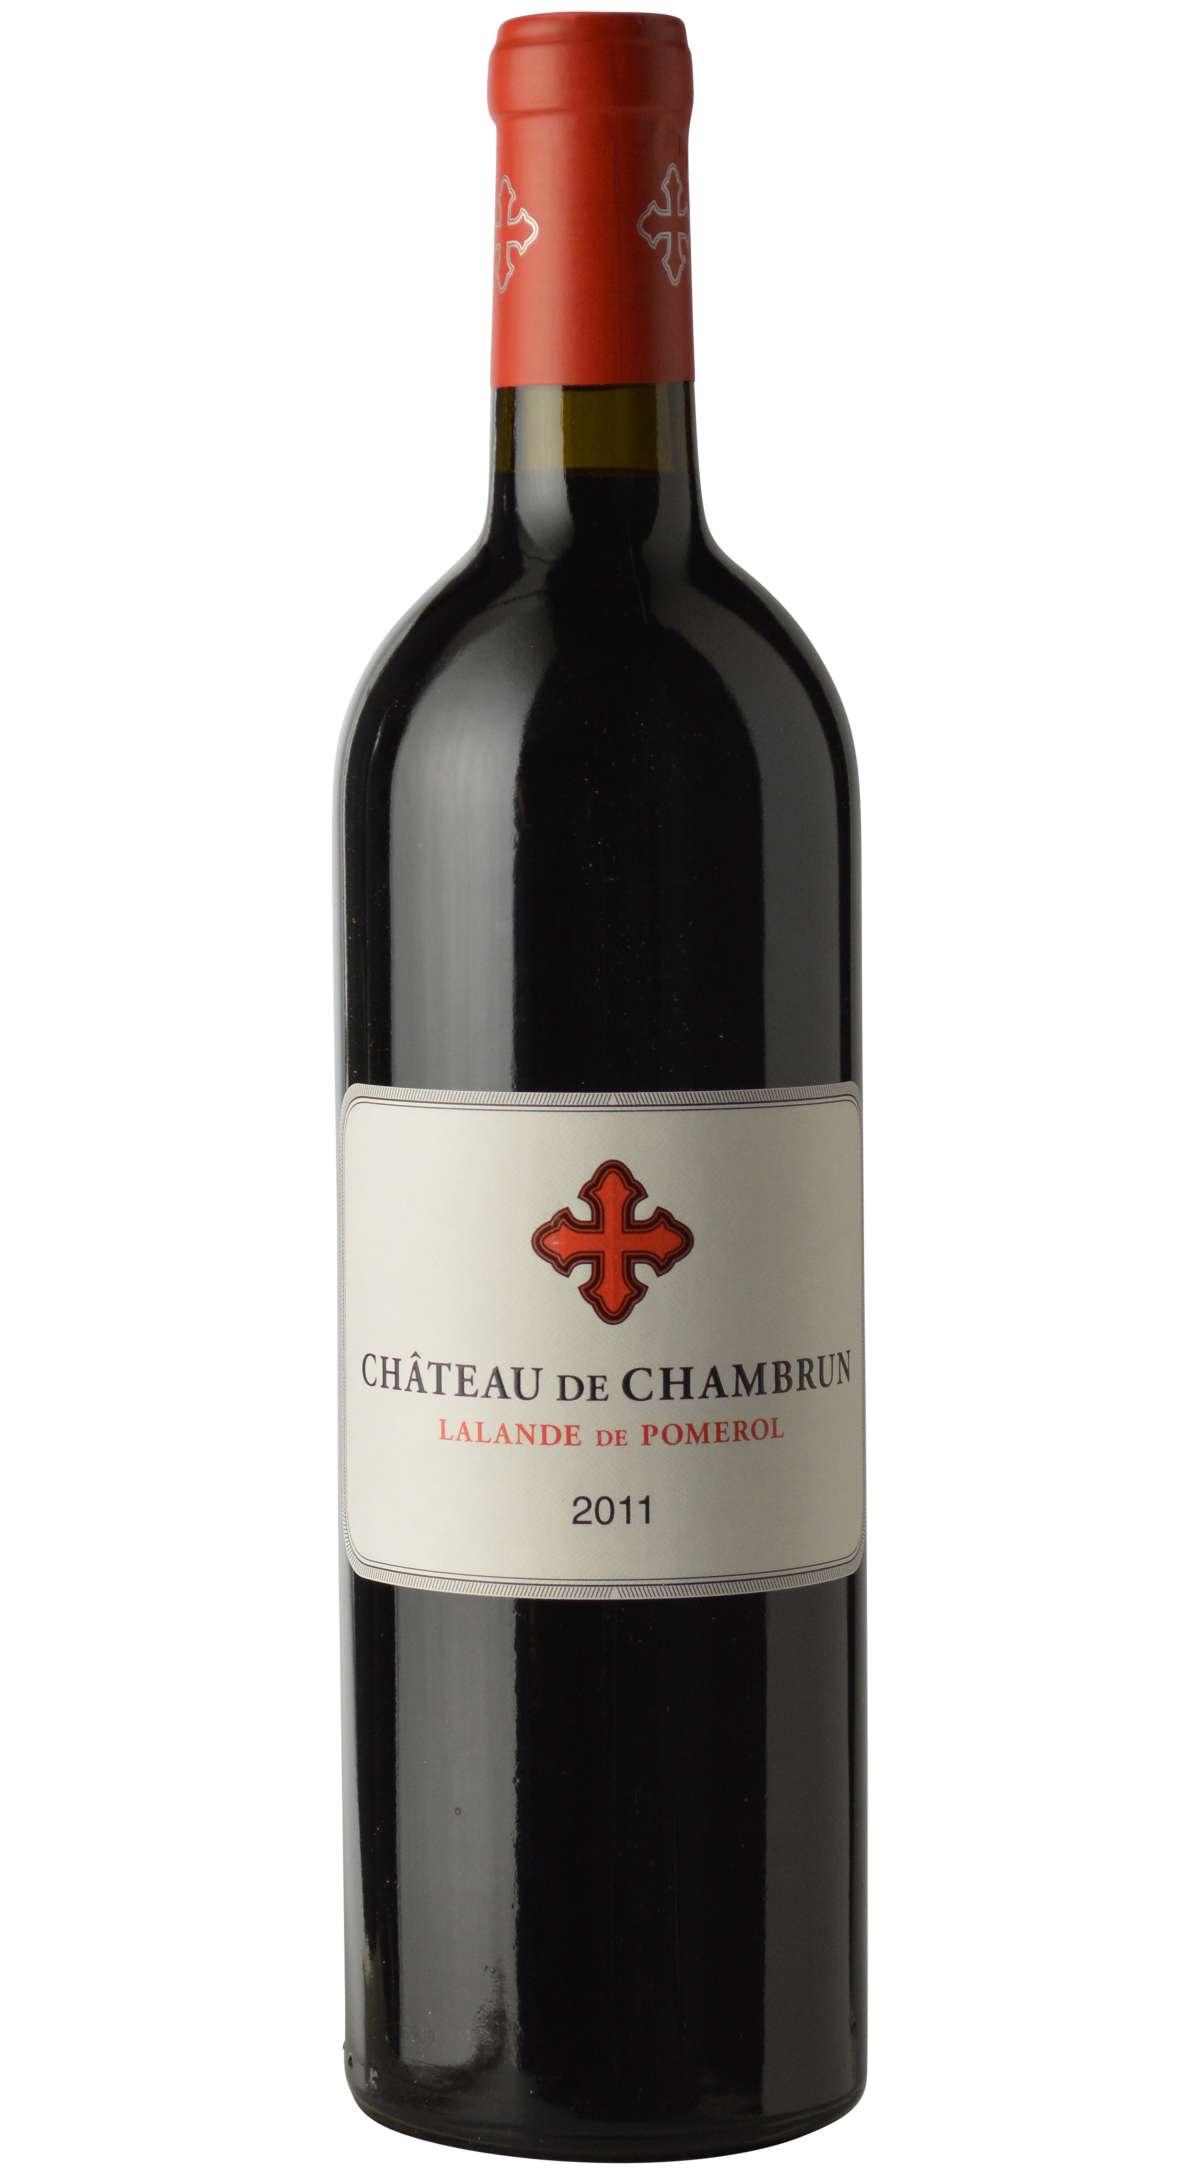 Chateau De Chambrun Lalande De Pomerol